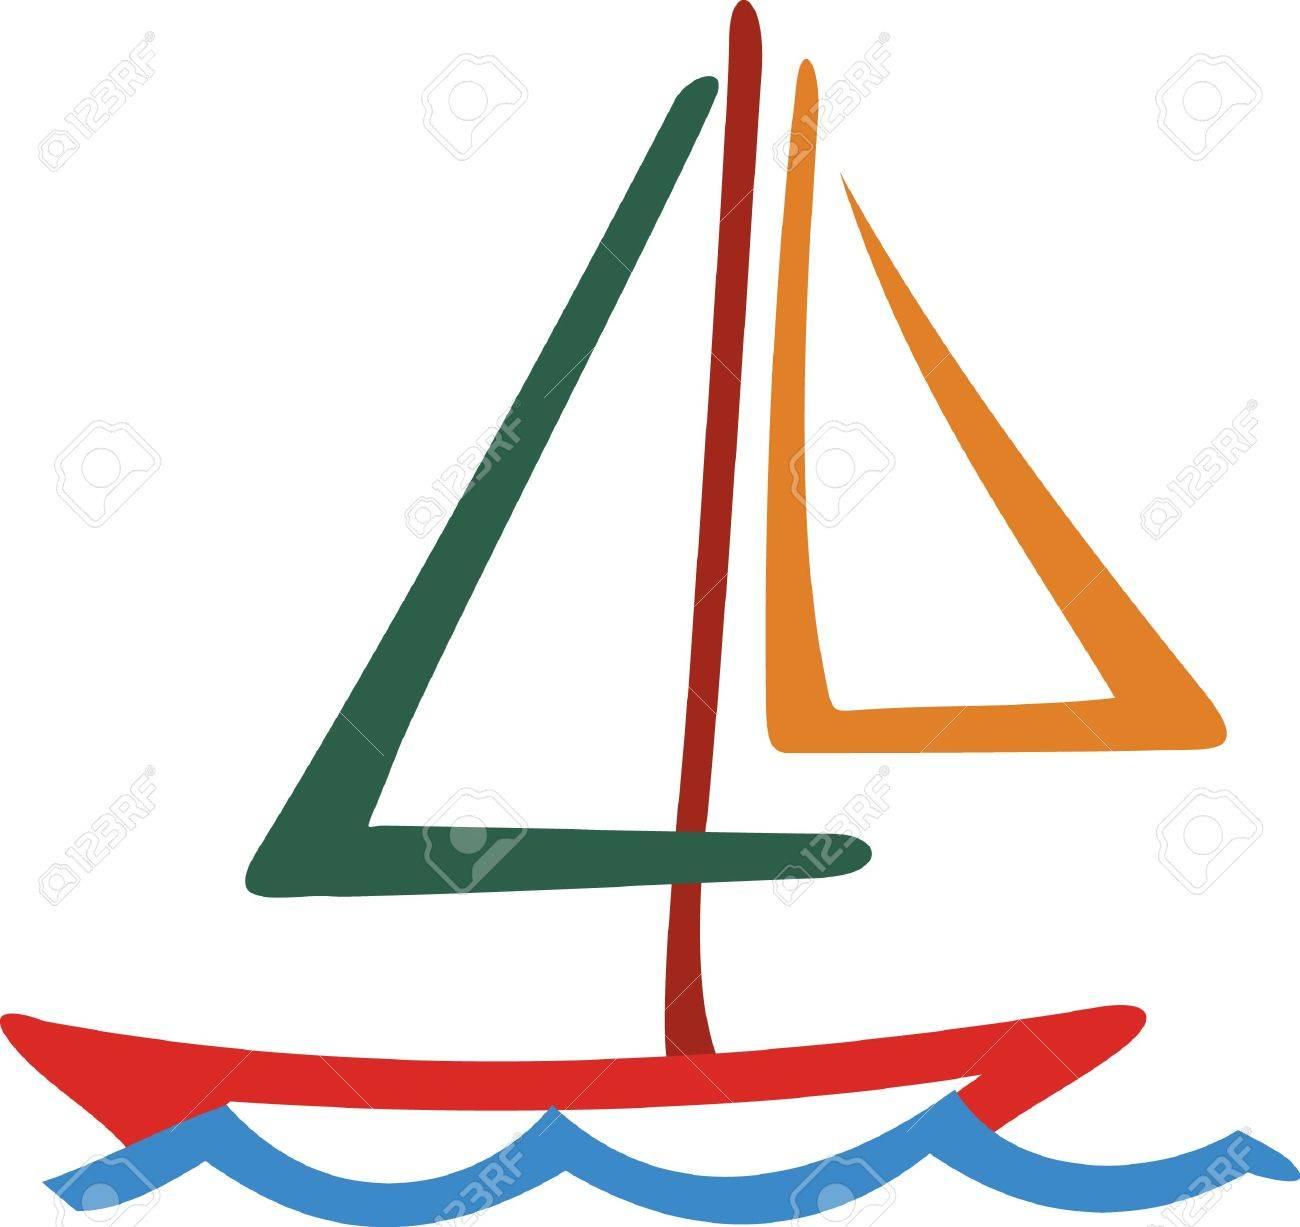 Notre Colore Dessin Au Trait De Voilier Est Un Must Pour La Foule De La Navigation De Plaisance La Conception De Contour Simple Mais Frappante Font Un Clin D Oeil A Coudre Sur